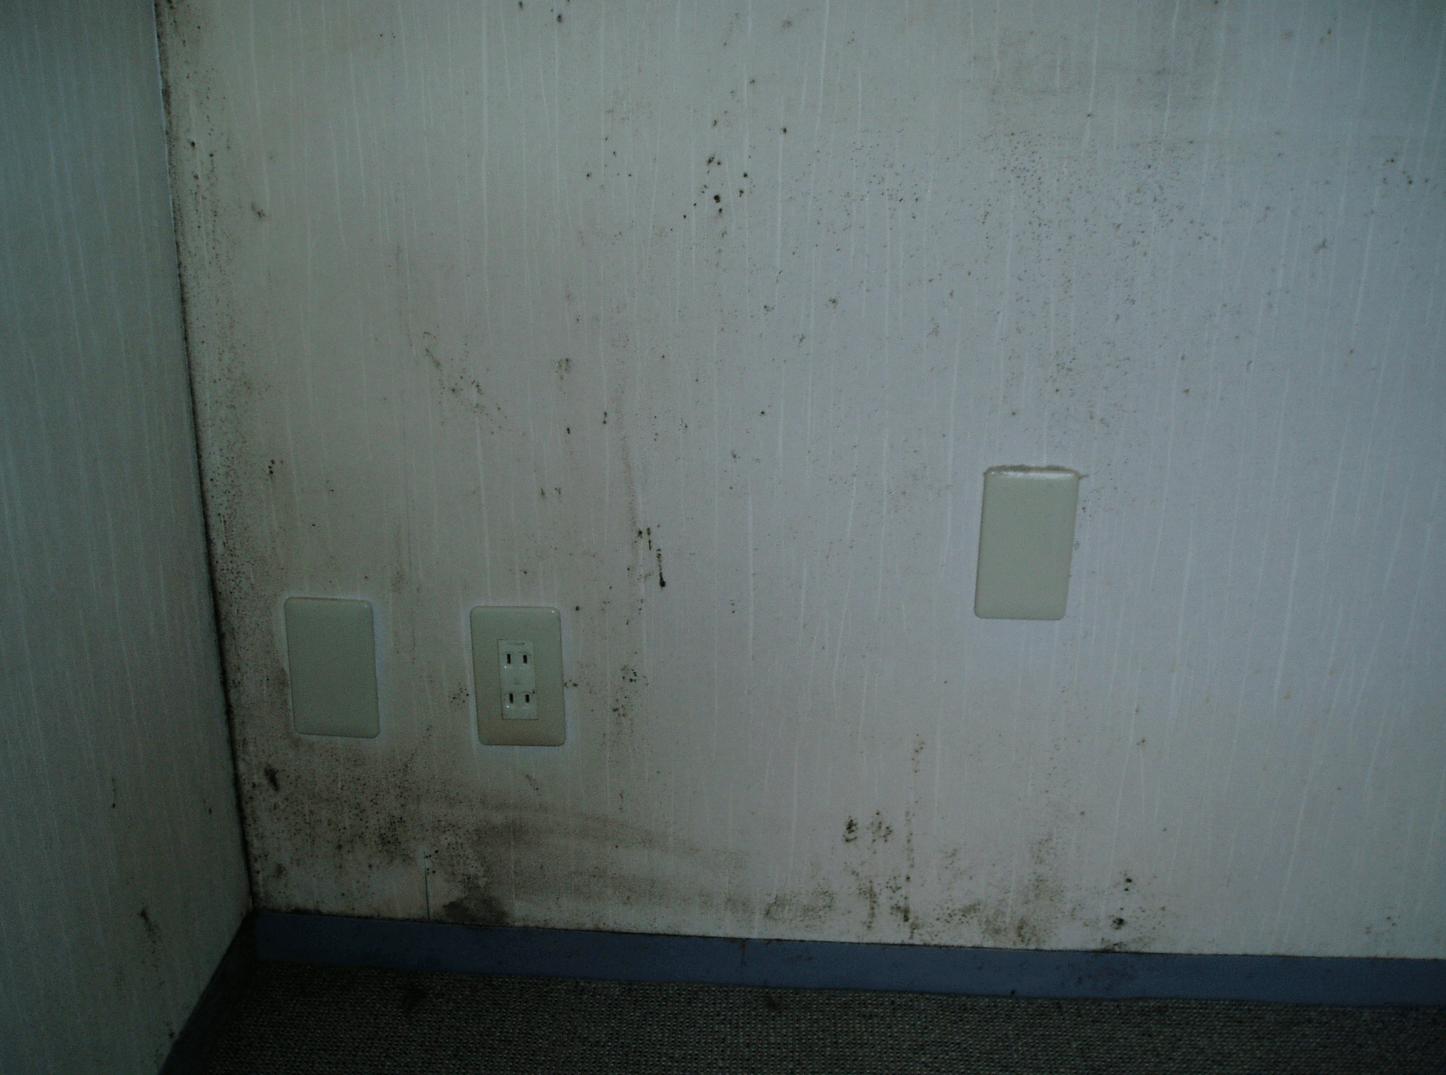 電気設備や家電機器への被害(一次被害)